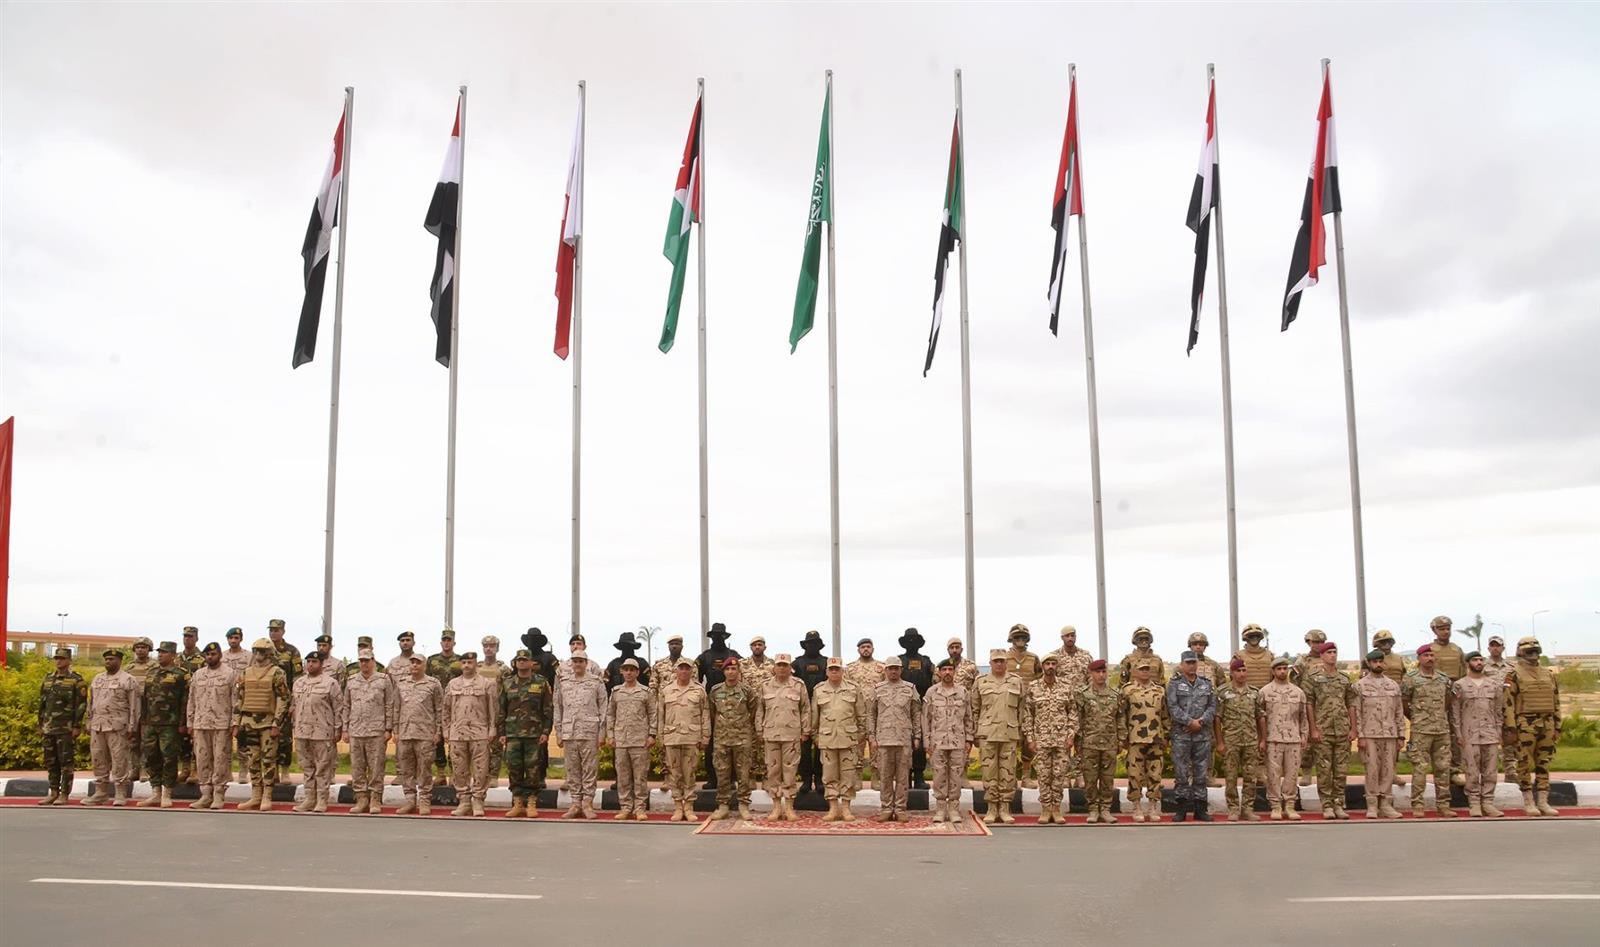 تشارك كل من الأردن والسودان والسعودية والامارات والبحرين في مناورات سيف العرب في مصر